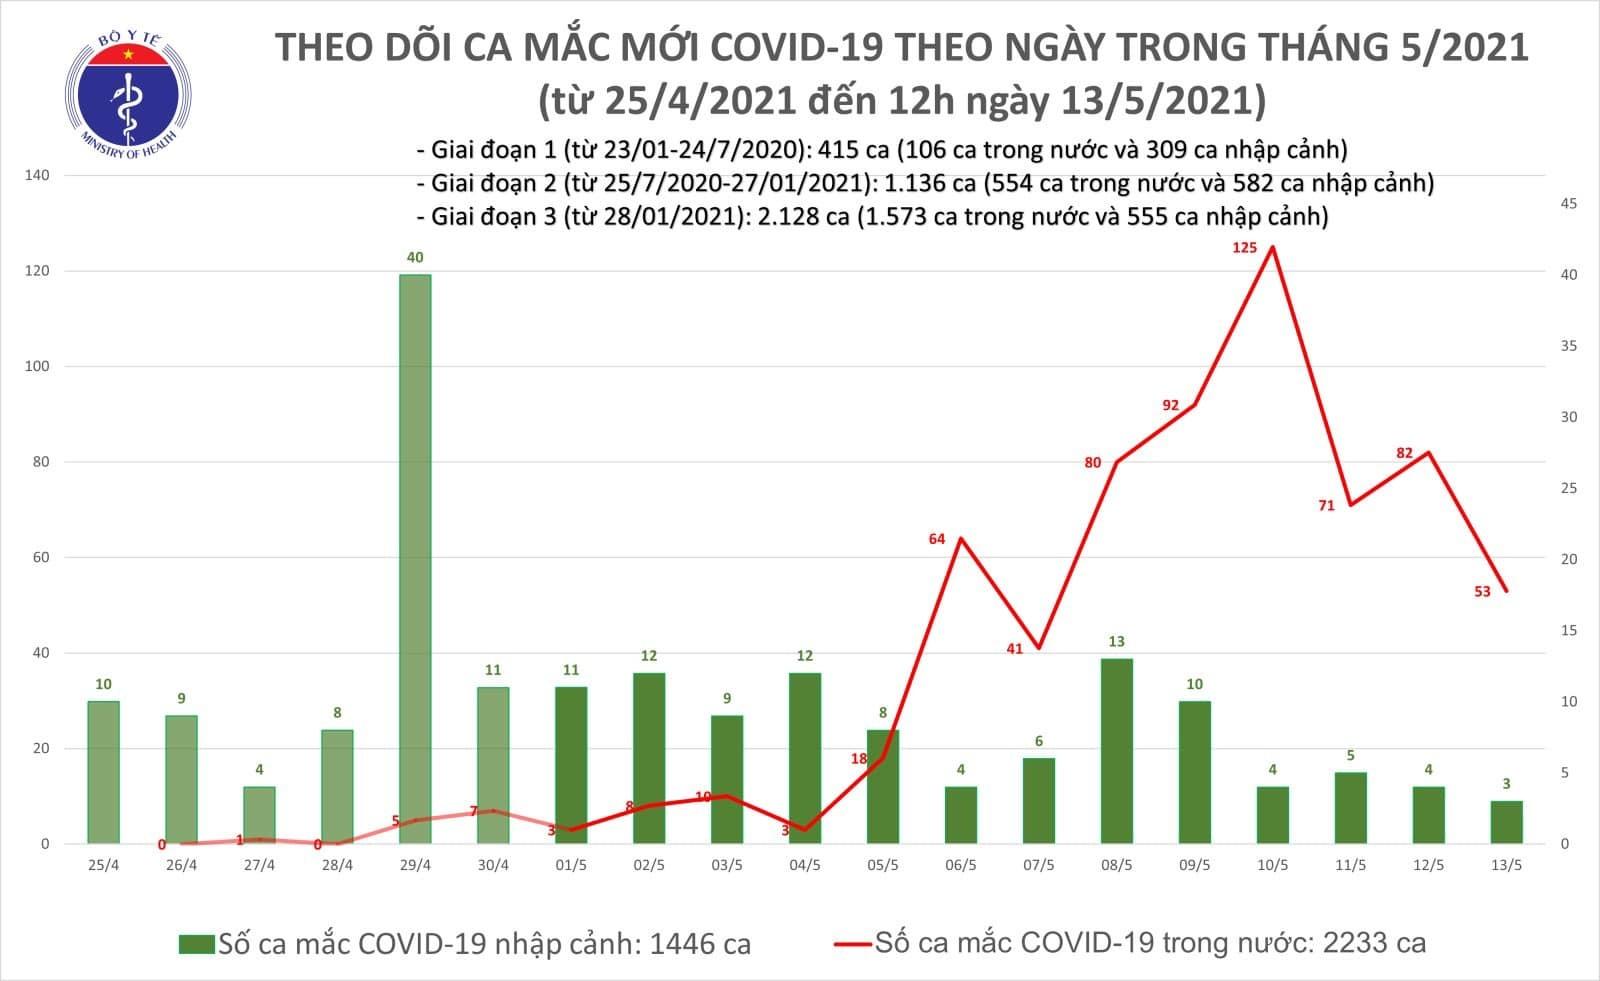 Bản tin trưa ngày 13/5, thêm 21 ca Covid-19 lây nhiễm trong nước